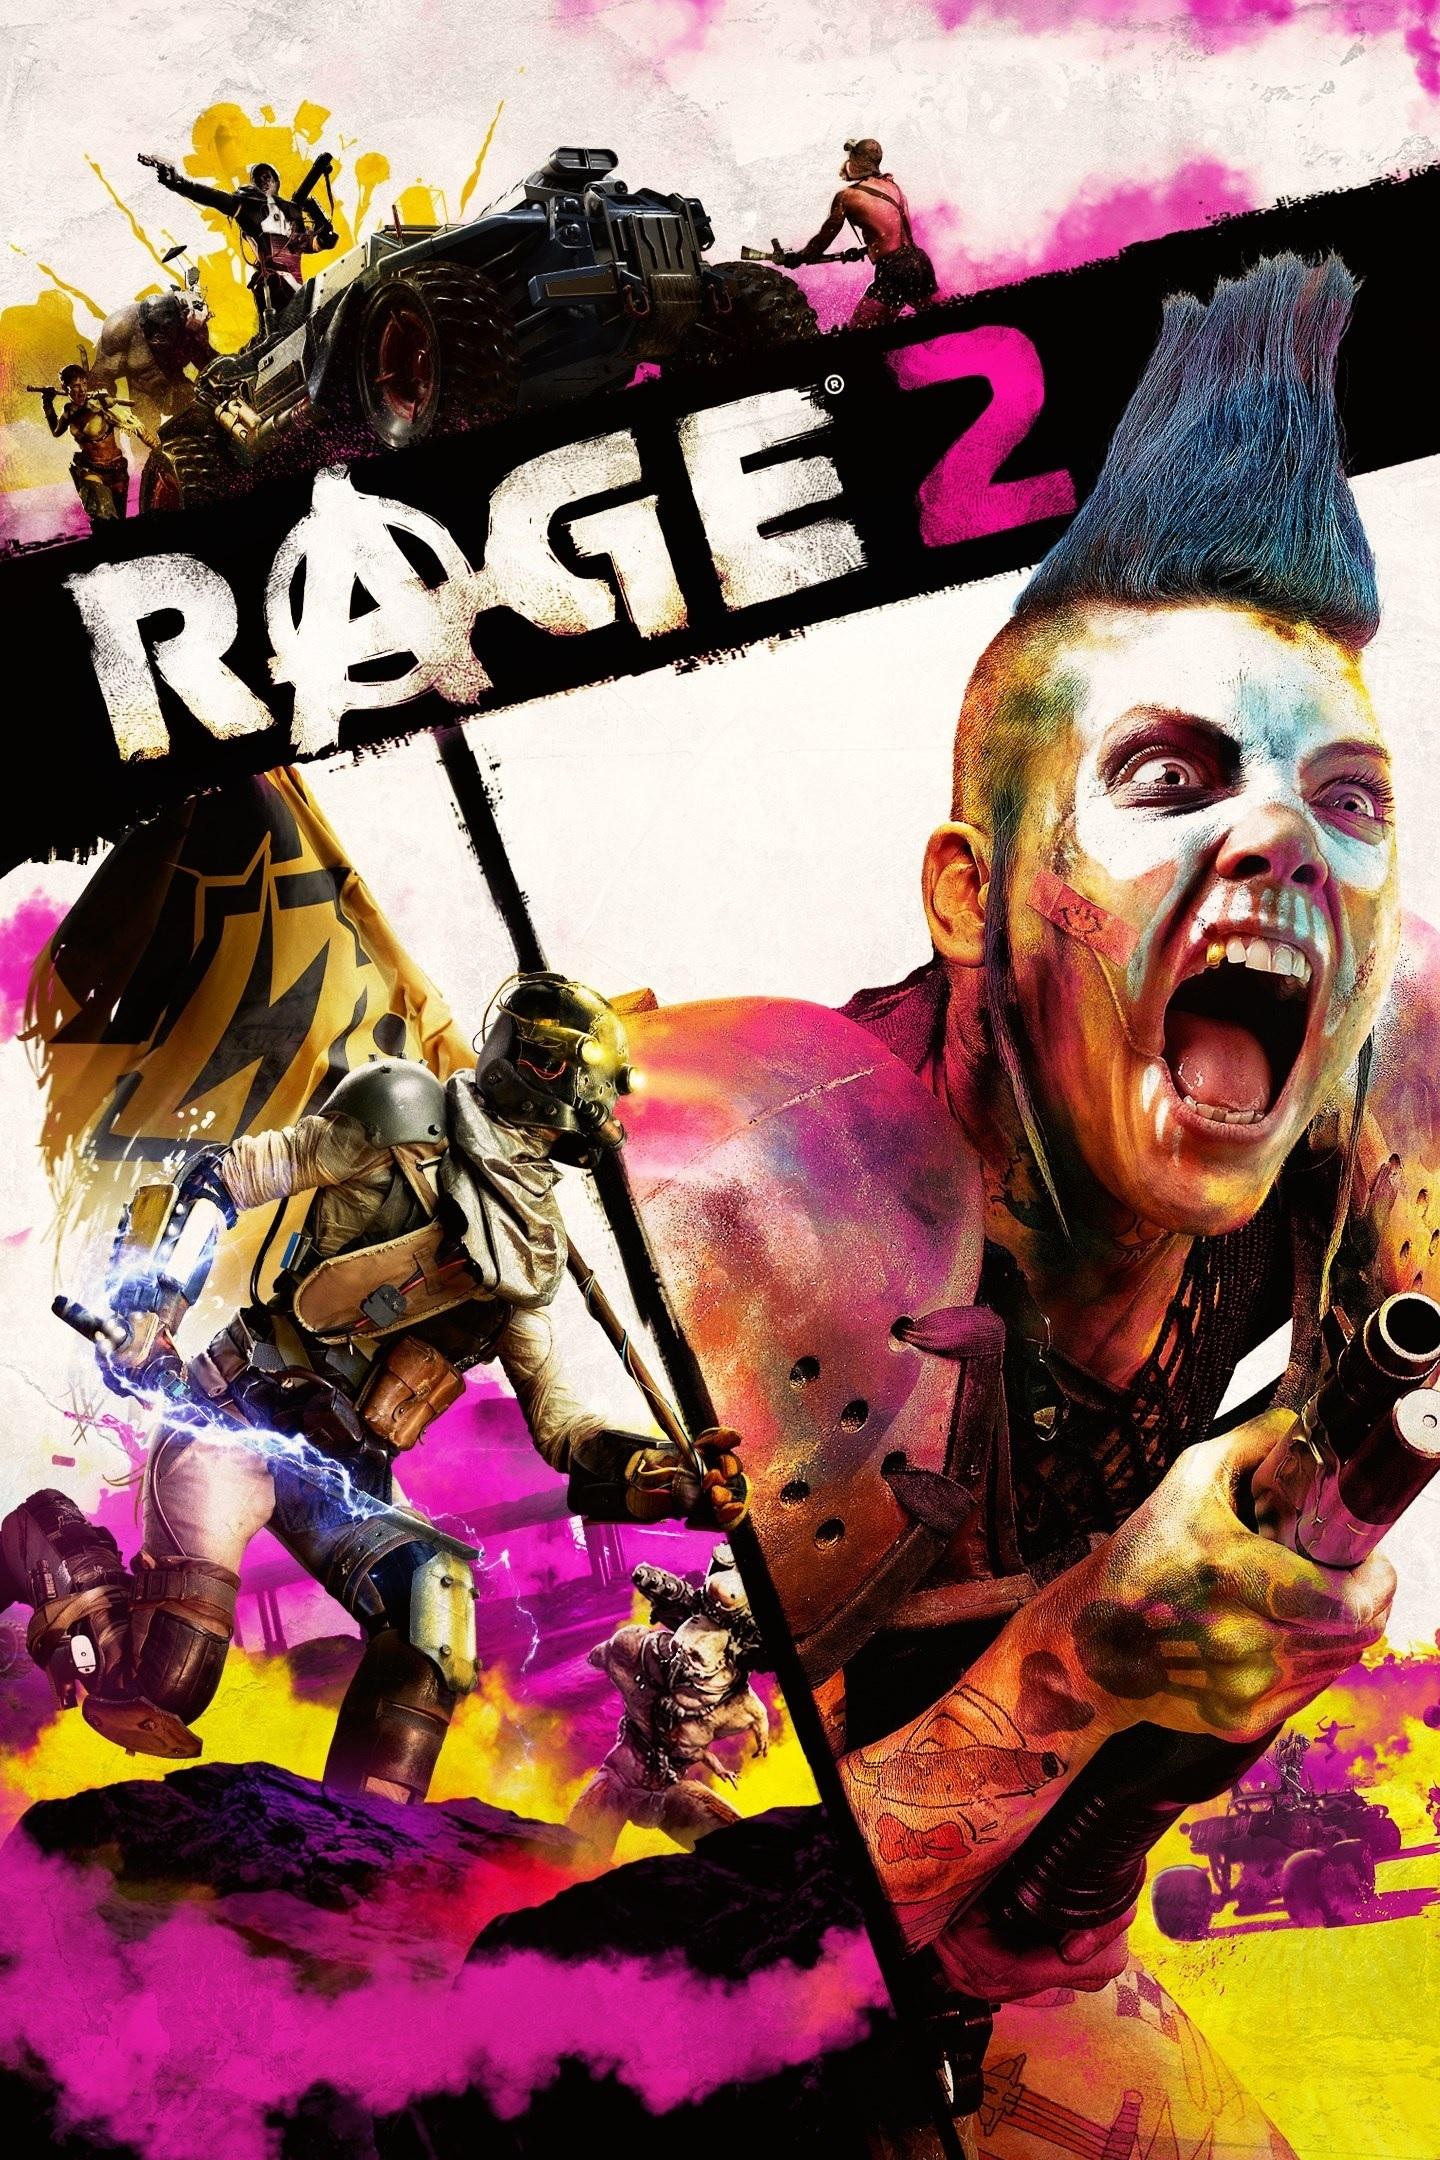 اکانت اریجینال بازی Rage 2 | با ایمیل اکانت